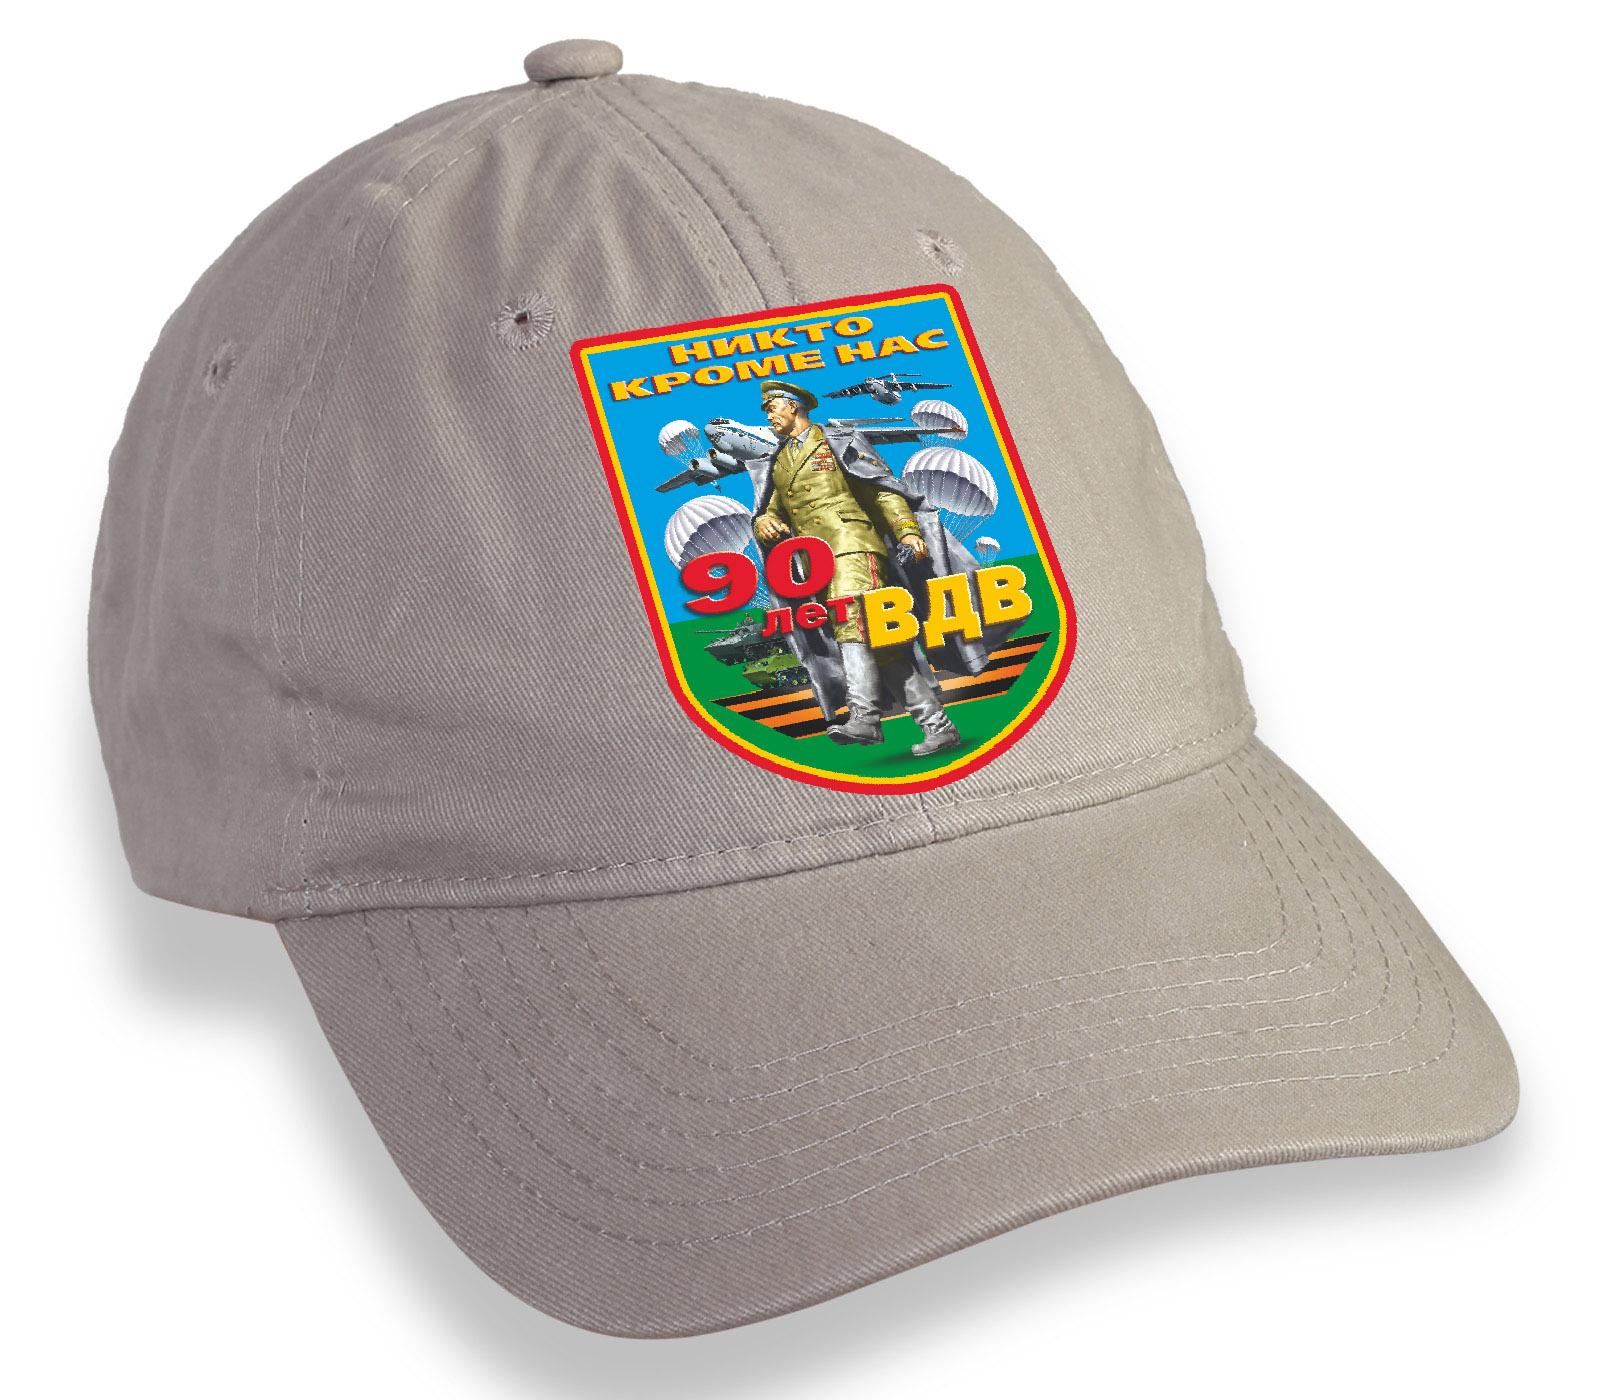 Бежевая кепка 90 лет ВДВ